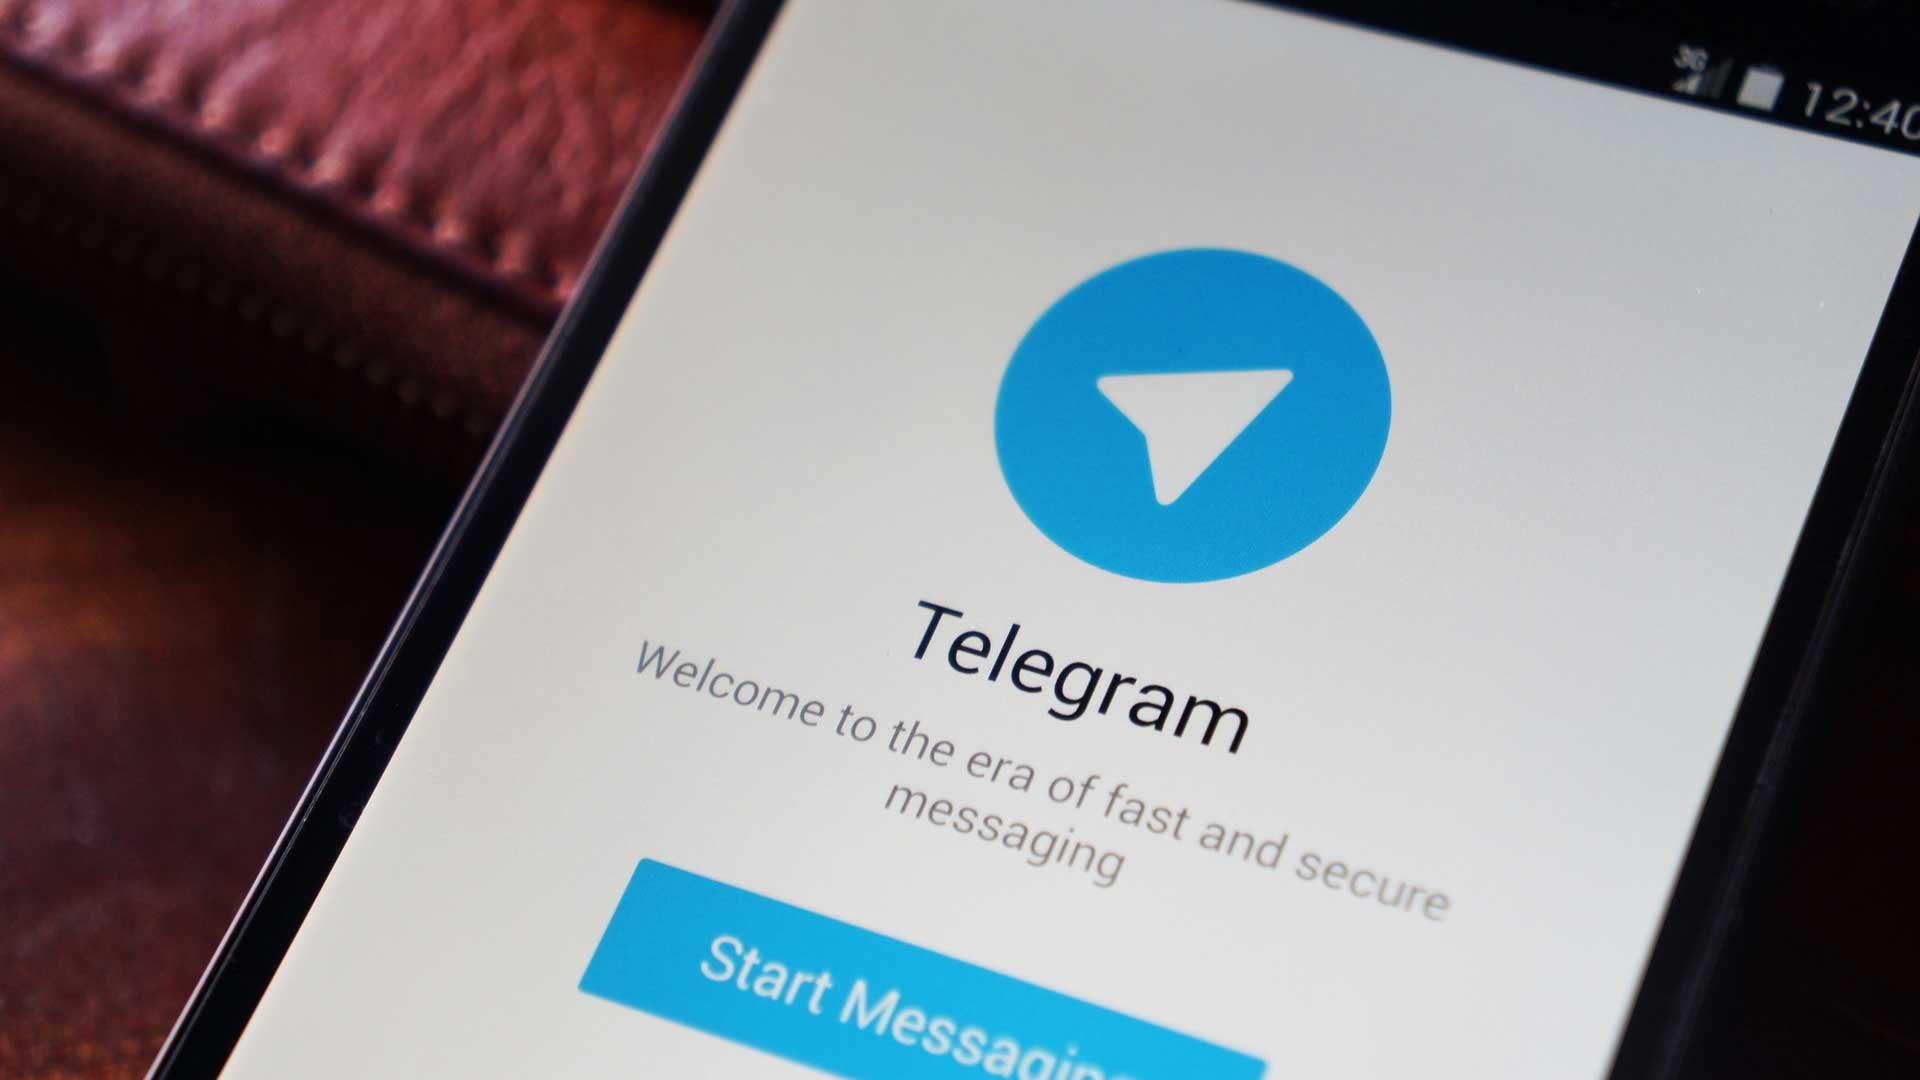 TJ: Владельцы крупных Telegram-каналов сообщили о взломе ихучётных записей